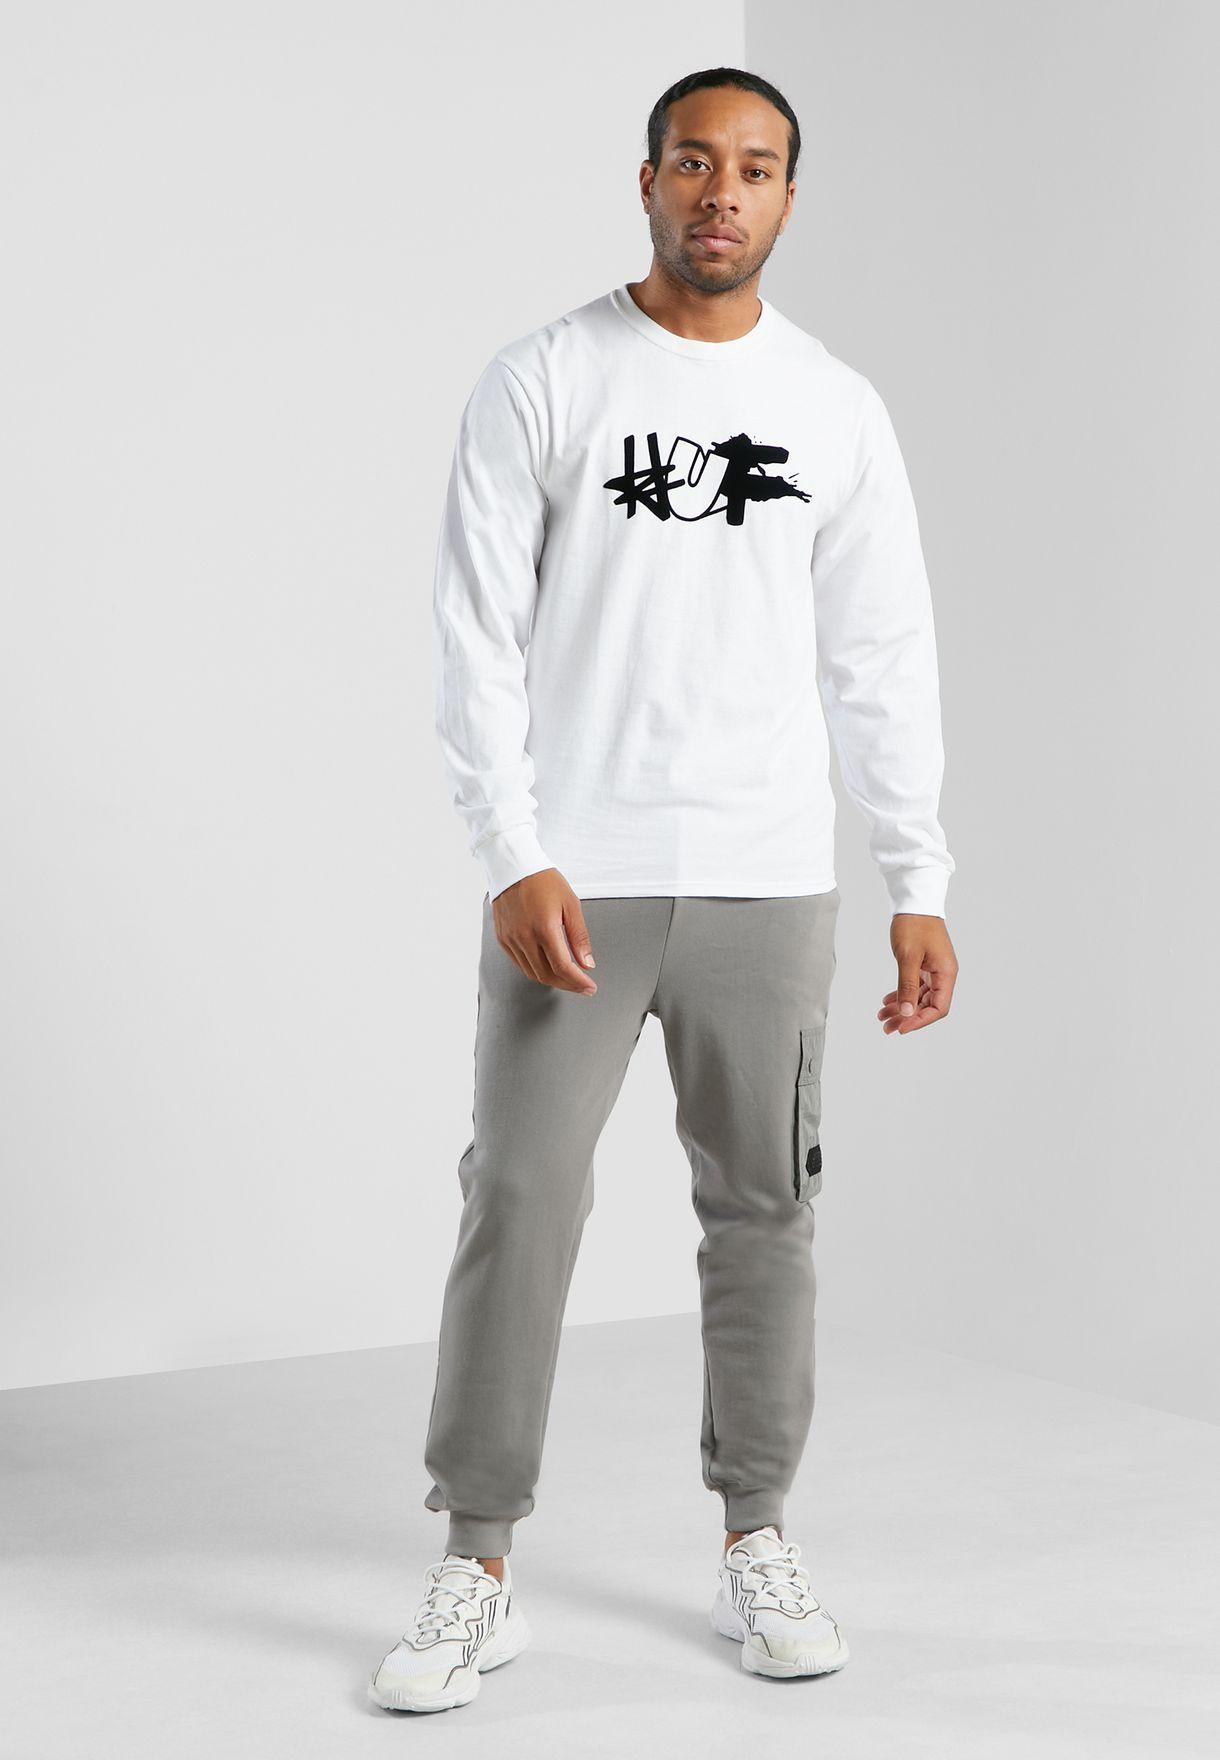 Haze Remix T-Shirt